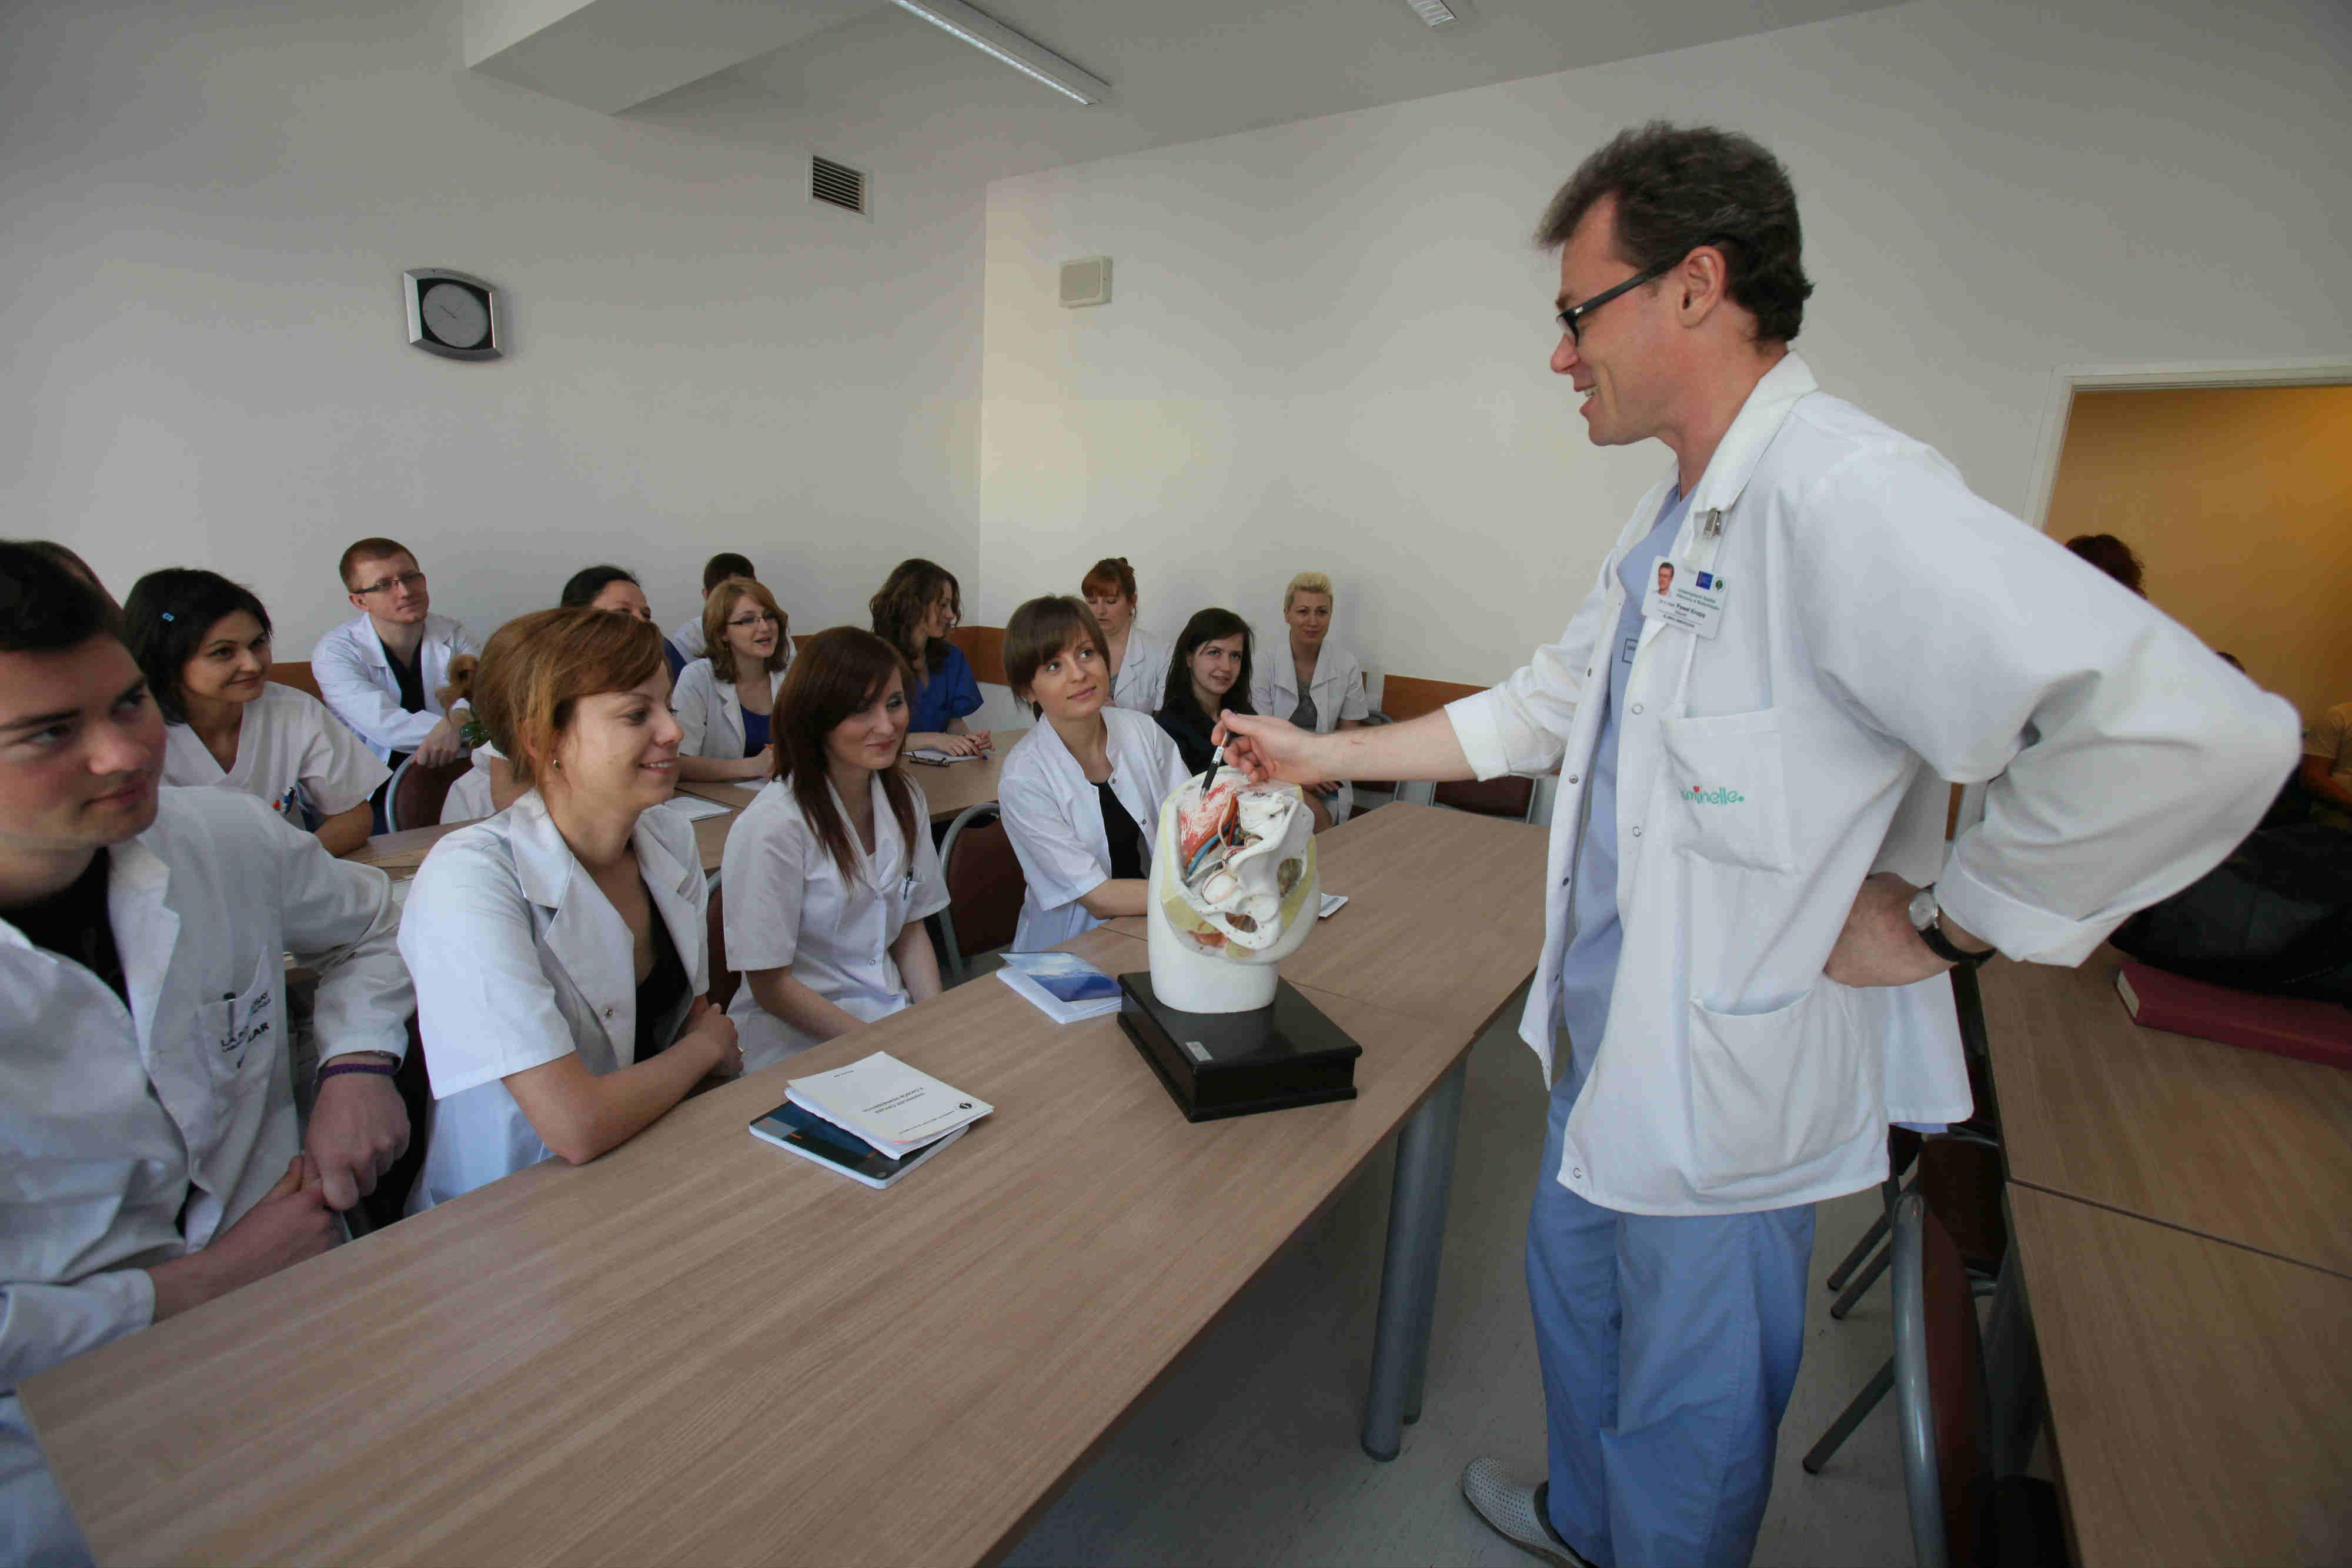 Zajęcia kliniczne w Uniwersyteckim Szpitalu Klinicznym.